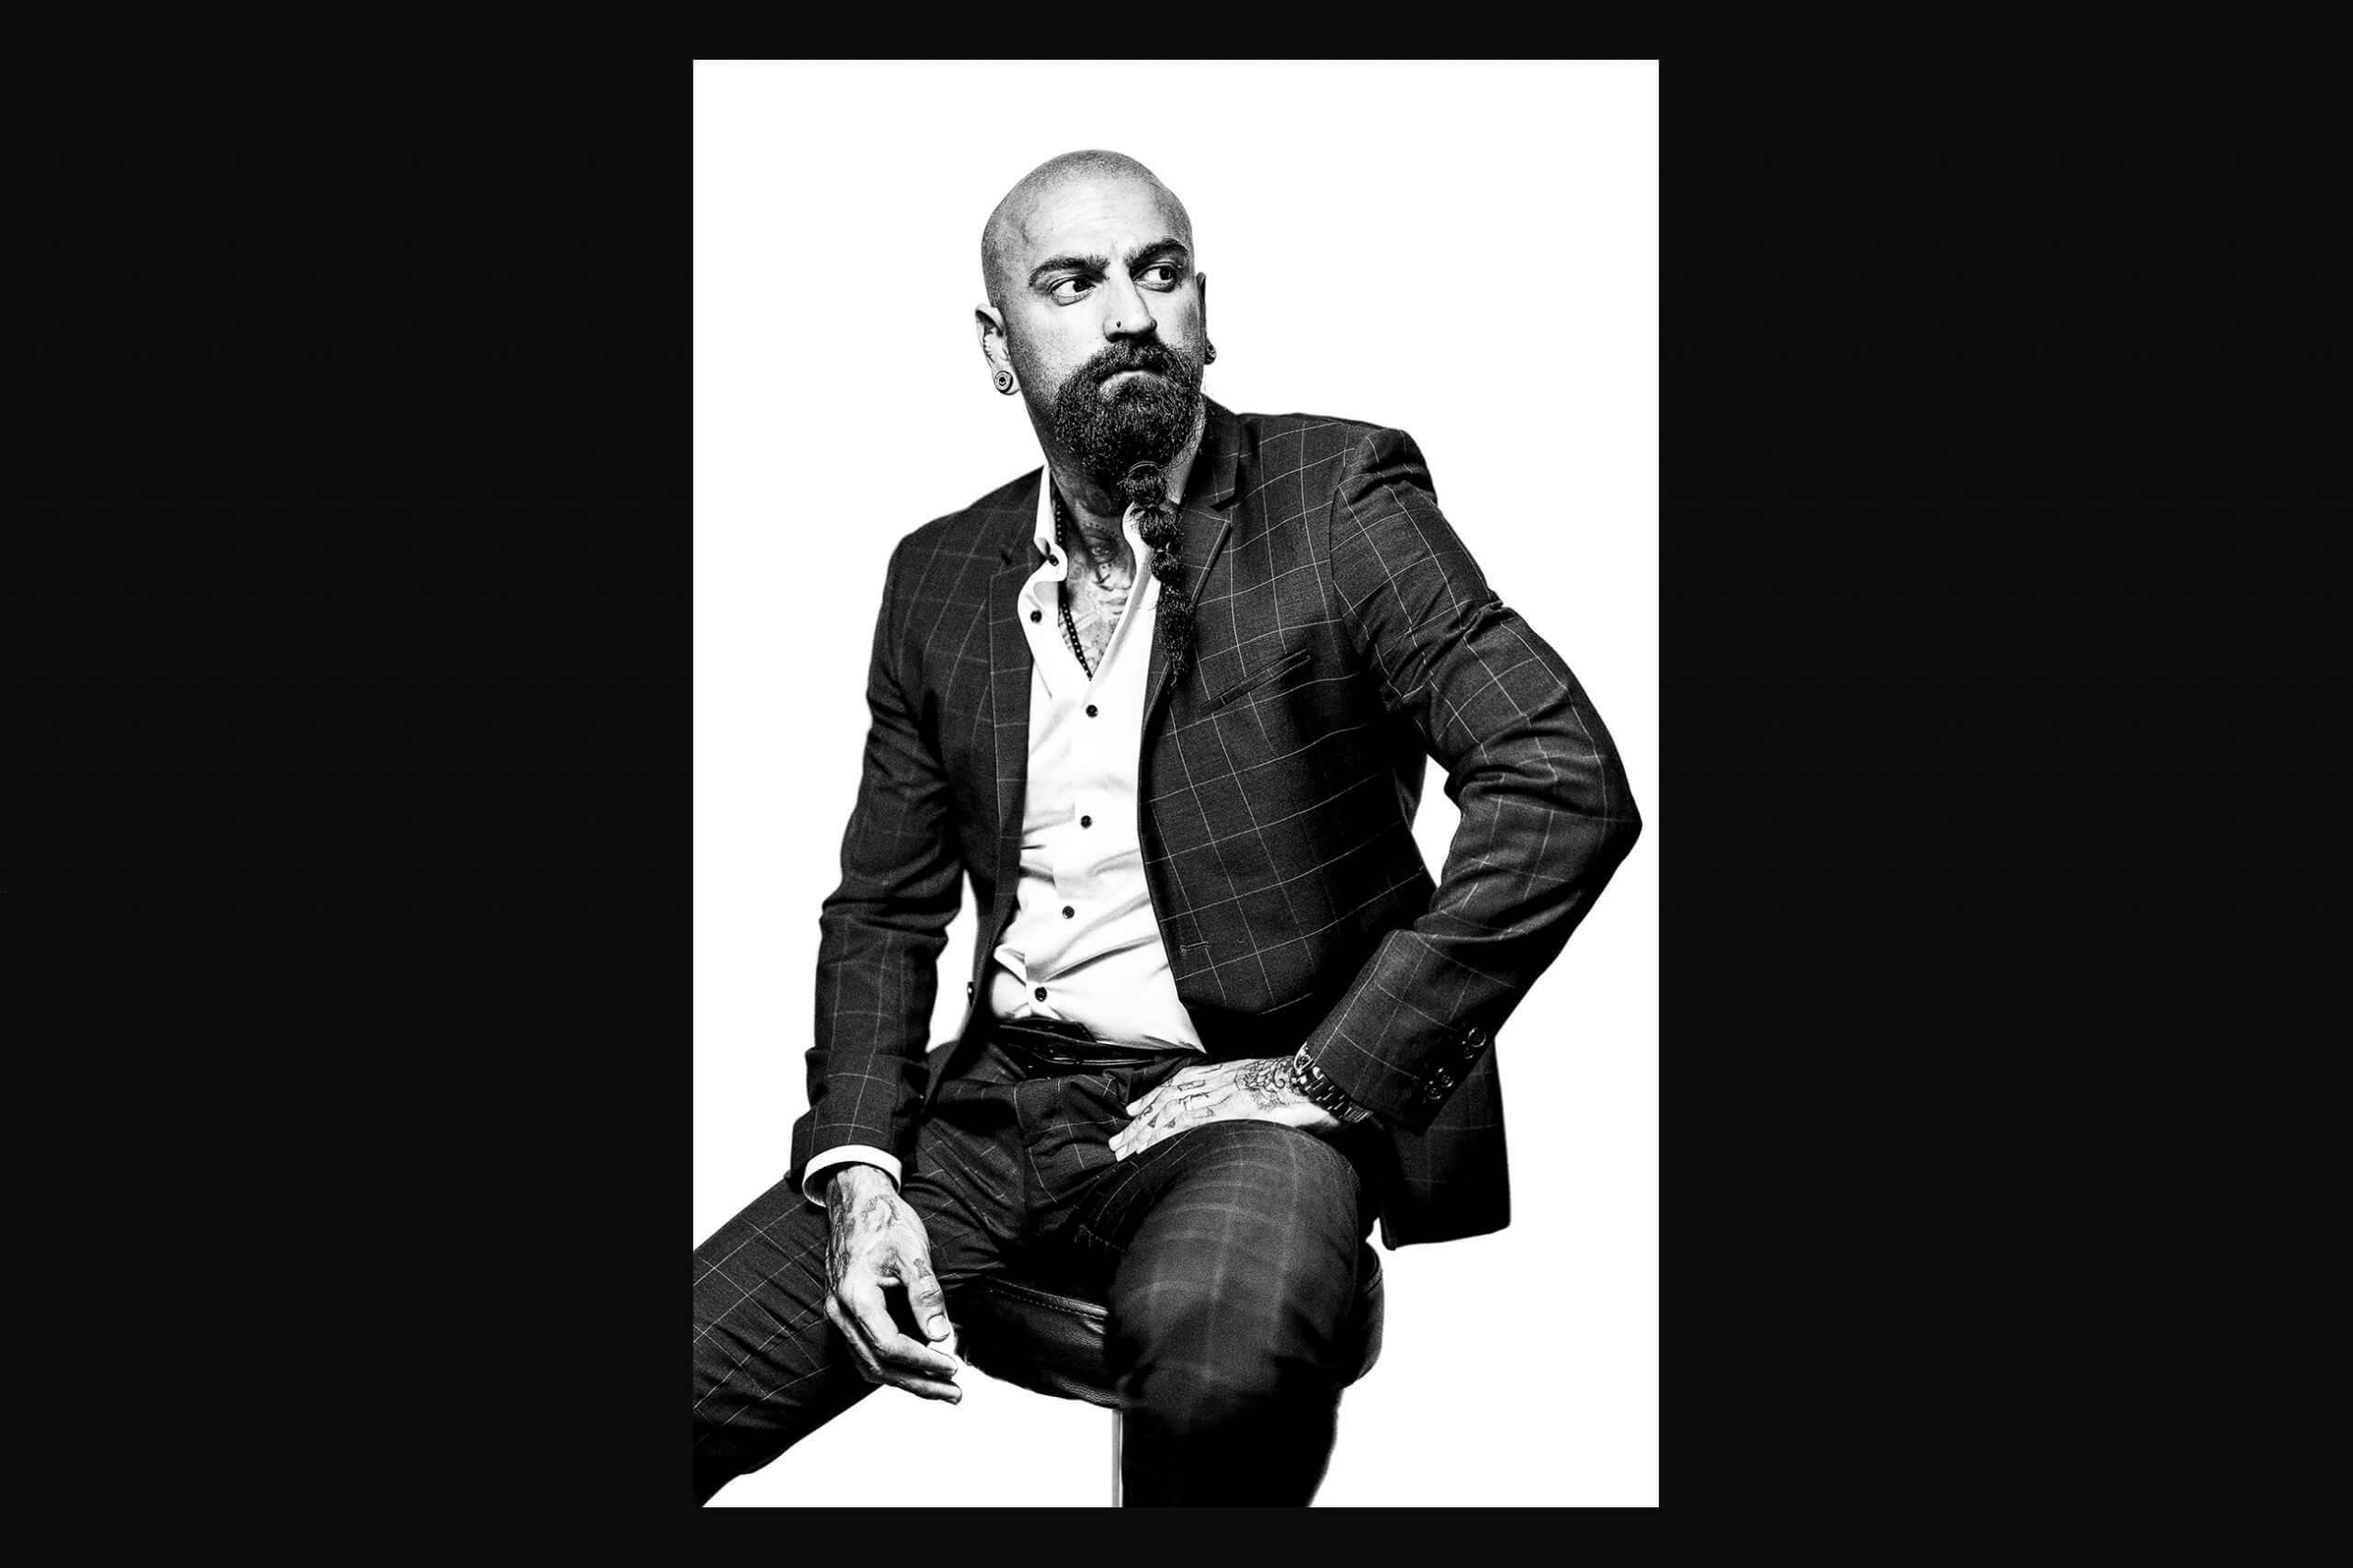 Charakter Portrait. Der Fotograf Florian Läufer aus Hamburg machte dieses Portraitfoto in schwarzweiß.